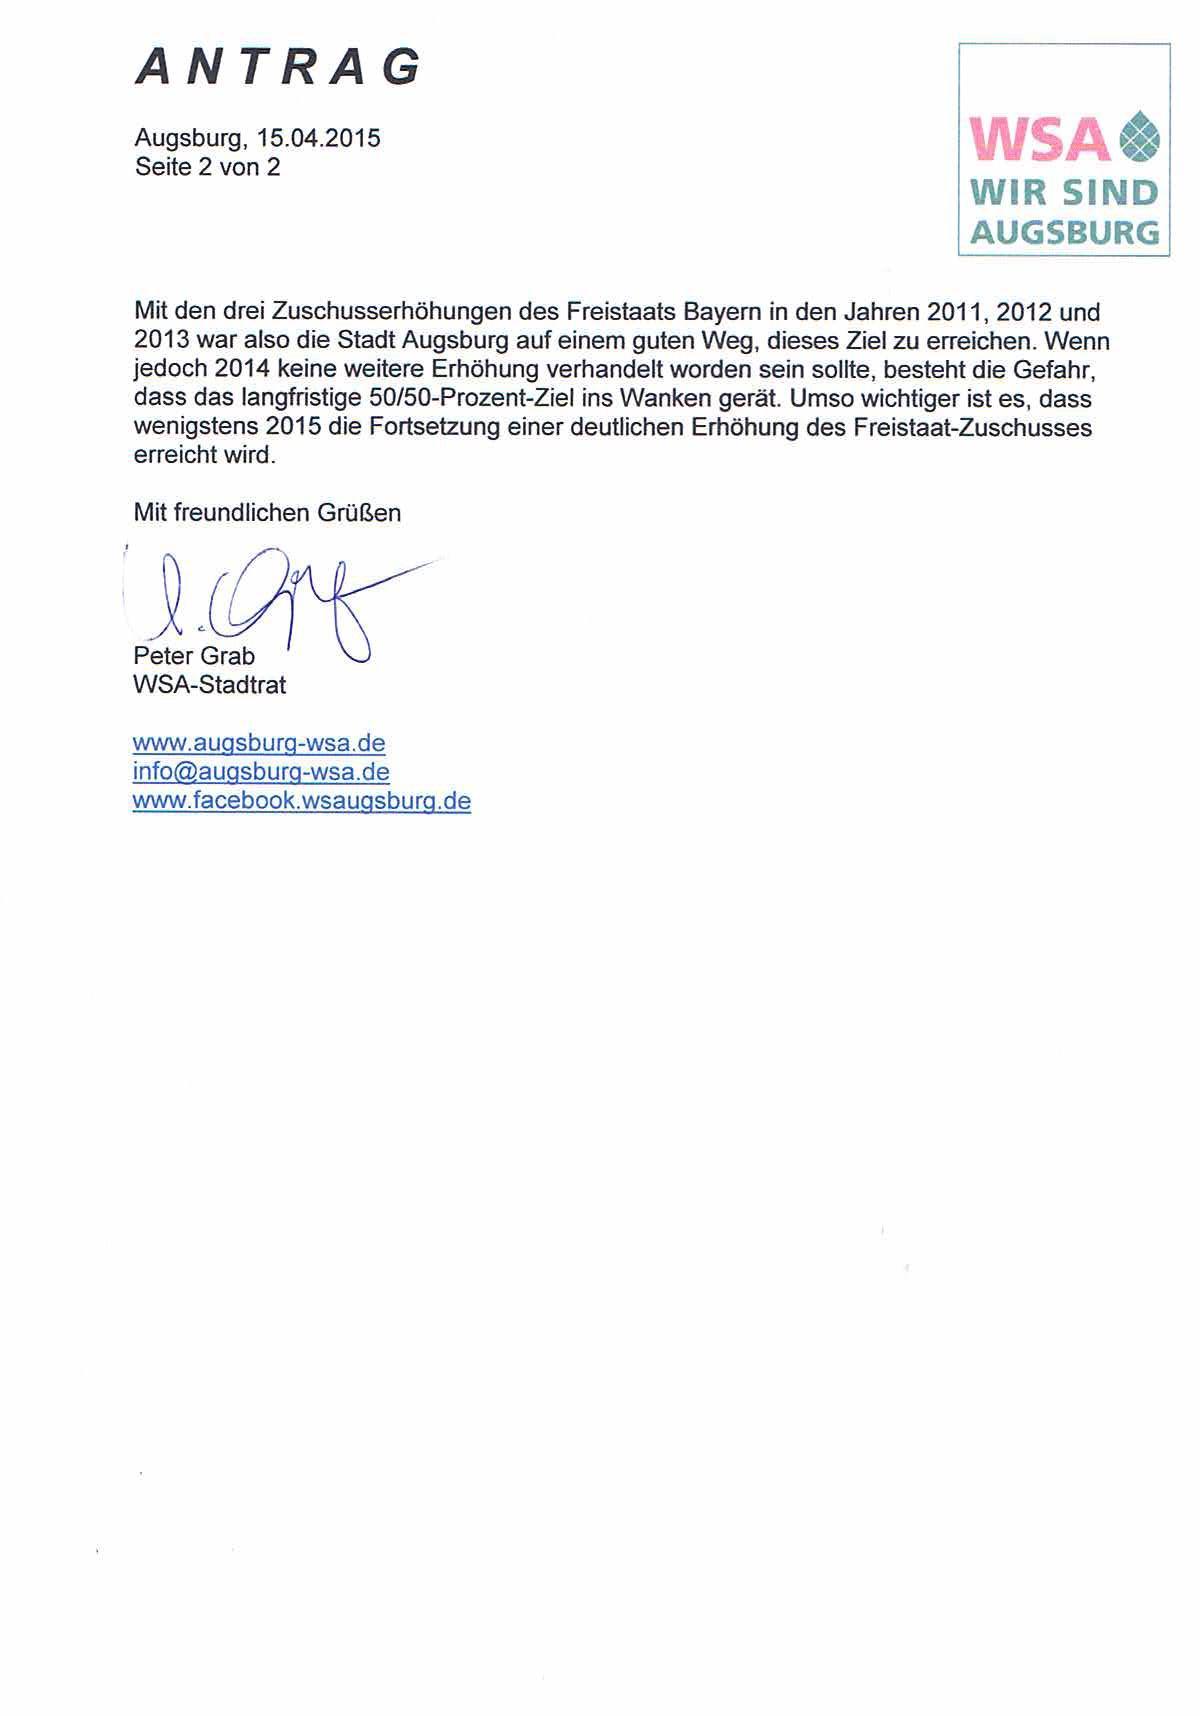 WSA-Antrag vom 15.04.2015 zum Freistaat-Zuschuss an das Theater Augsburg, ohne Grafik-Anlage-002